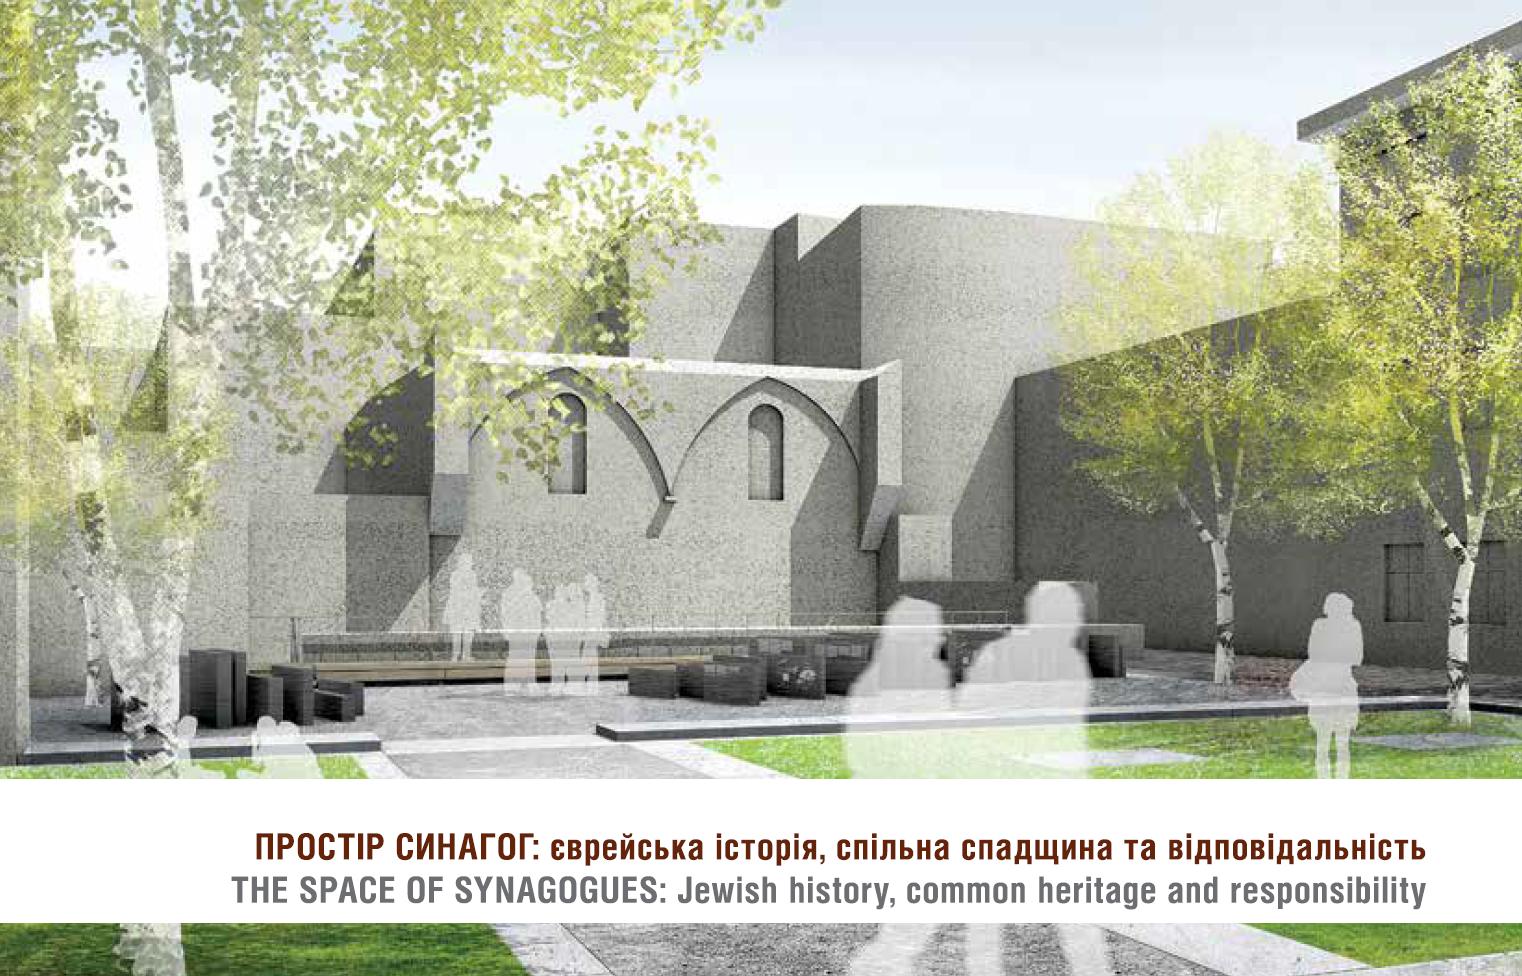 Простір Синагог: єврейська історія, спільна спадщина та відповідальність (Брошура)